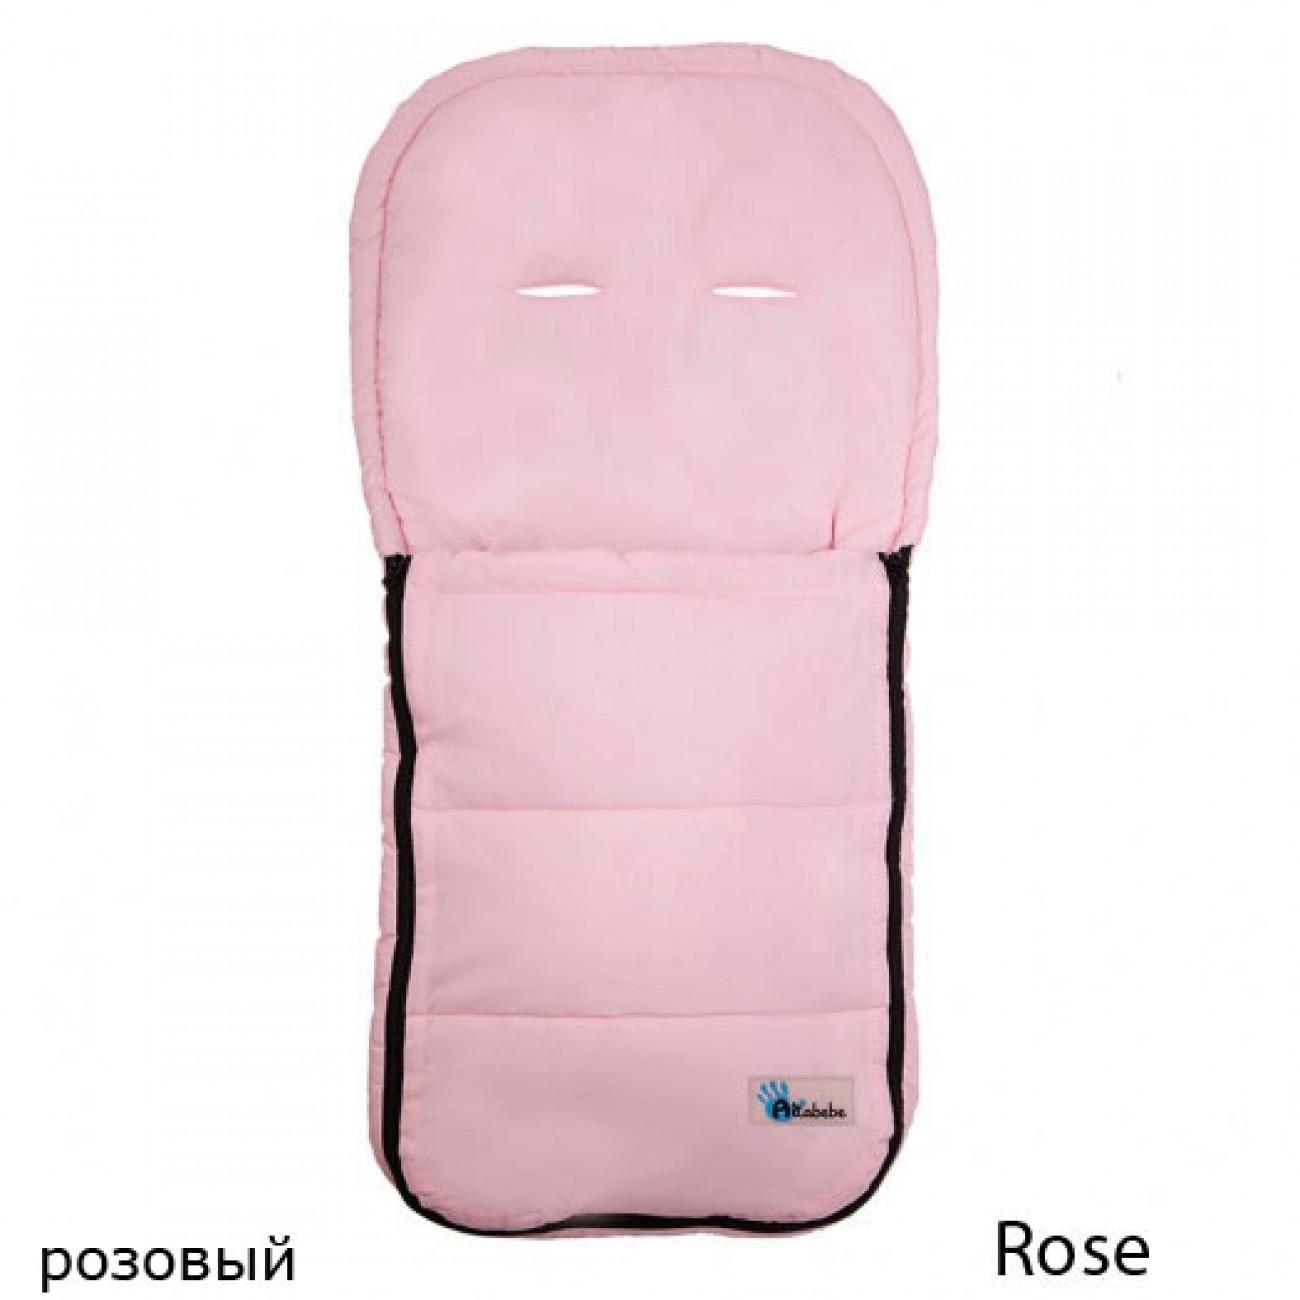 Демисезонный конверт AL2200 Altabebe, размер 90 x 45 см., розовыйДемисезонные конверты для новорожденных<br>Демисезонный конверт AL2200 Altabebe, размер 90 x 45 см., розовый<br>